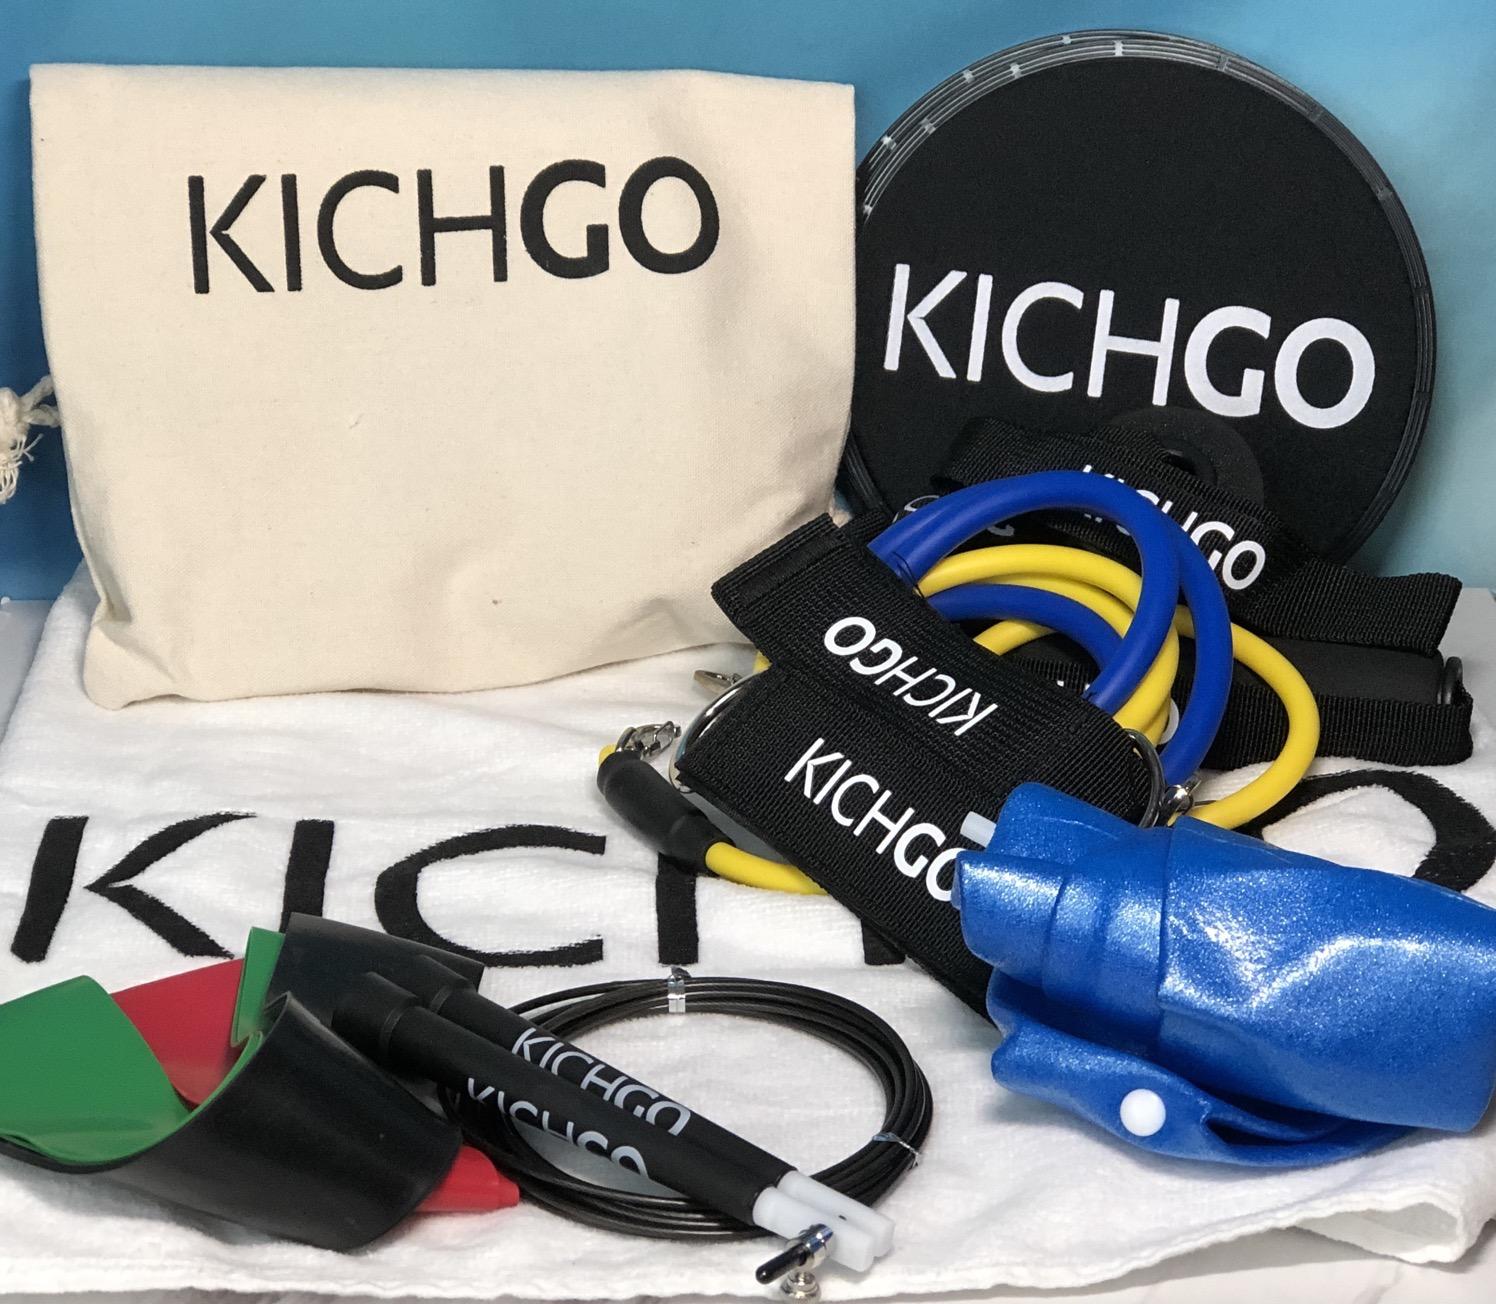 Kichgo a big gym in a little bag